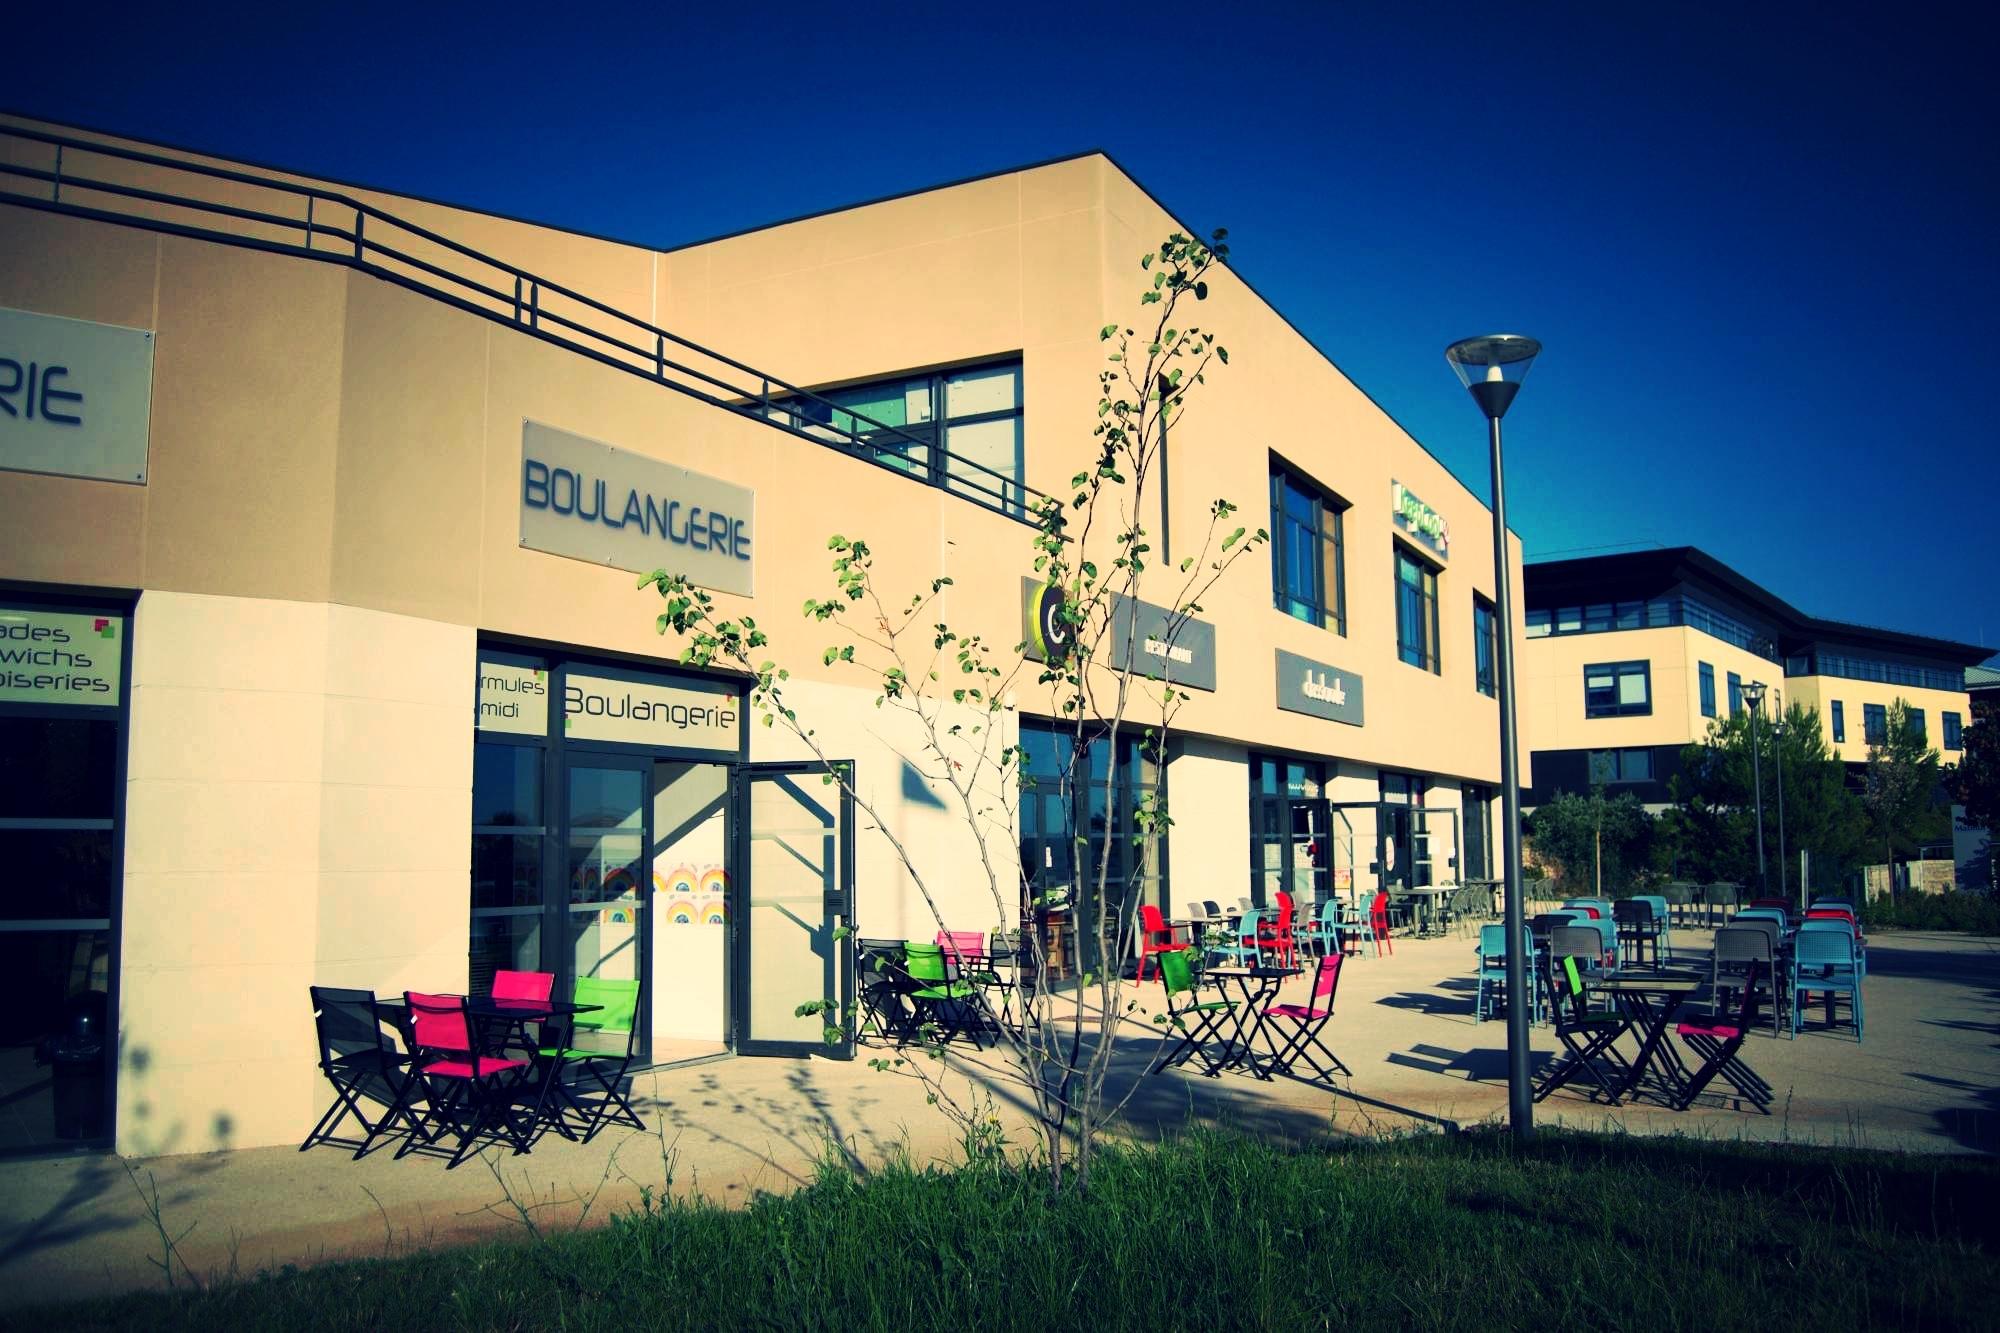 Immobilier Neuf Aix En Provence : immobilier neuf aix en provence la duranne ~ Pogadajmy.info Styles, Décorations et Voitures